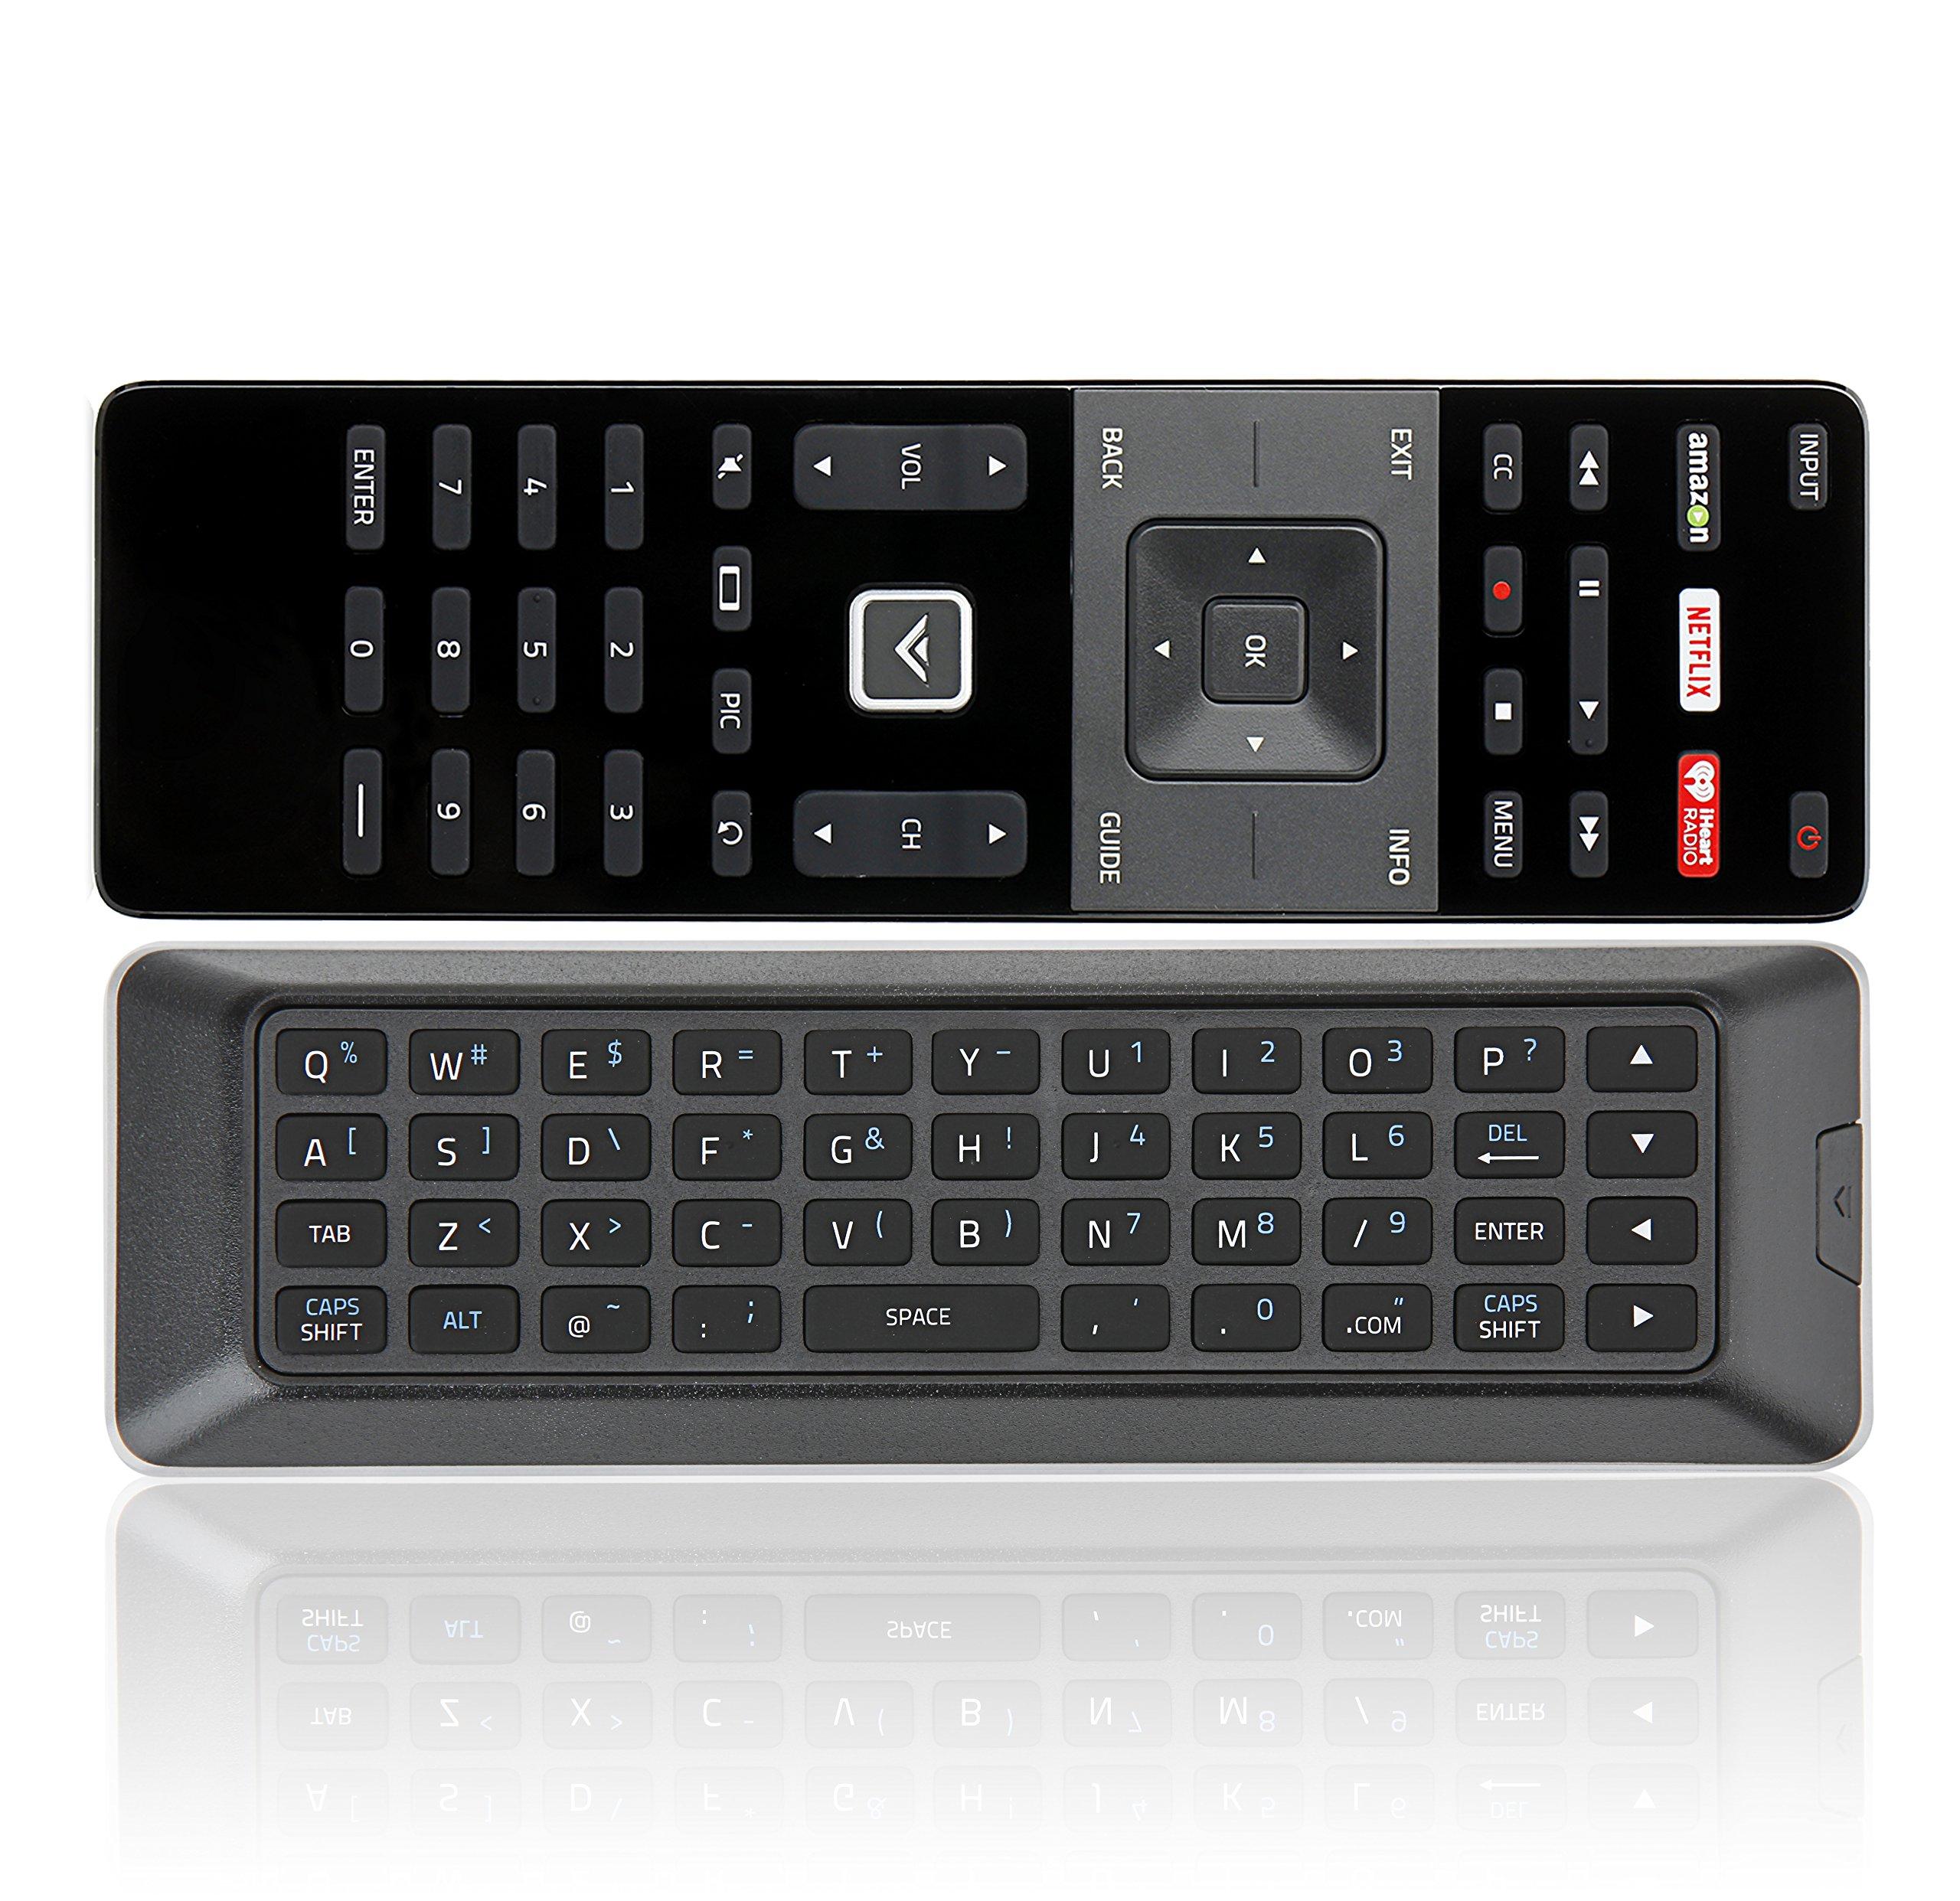 New XRT500 remote fit for VIZIO TV M43-C1 M43C1 M49-C1 M49C1 M50-C1 M50C1 M55-C2 M55C2 M60-C3 M60C3 M65-C1 M70-C3 M70C3 M75-C1 M75C1 M80-C3 M80C3 M322I-B1 M322IB1 M422I-B1 M422IB1